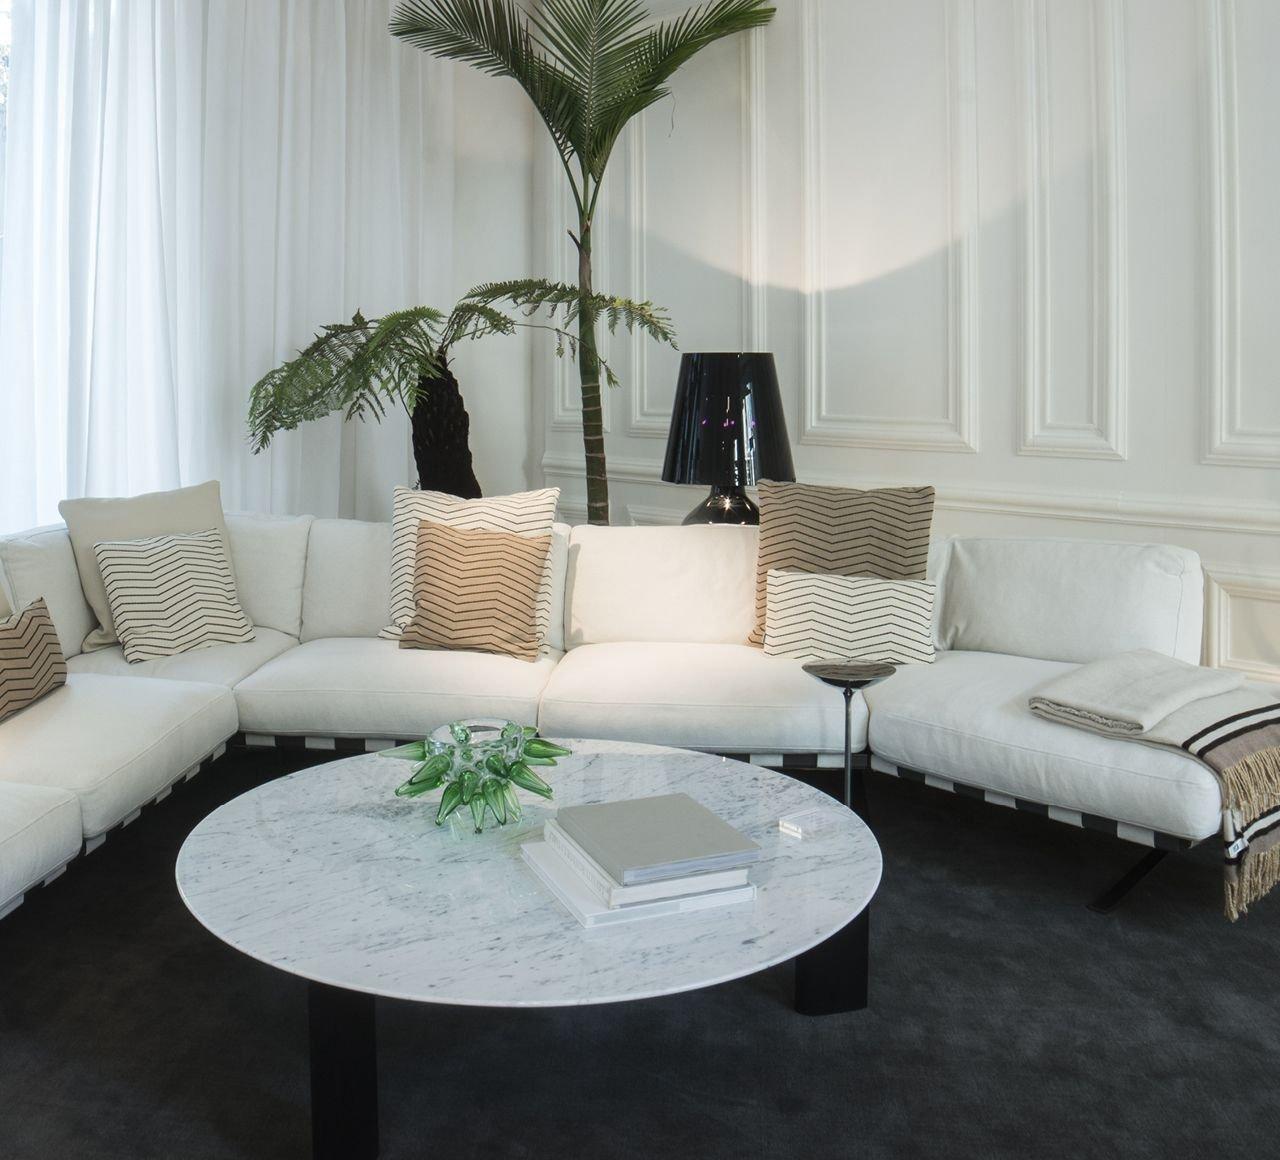 Fenix Sofa from Driade